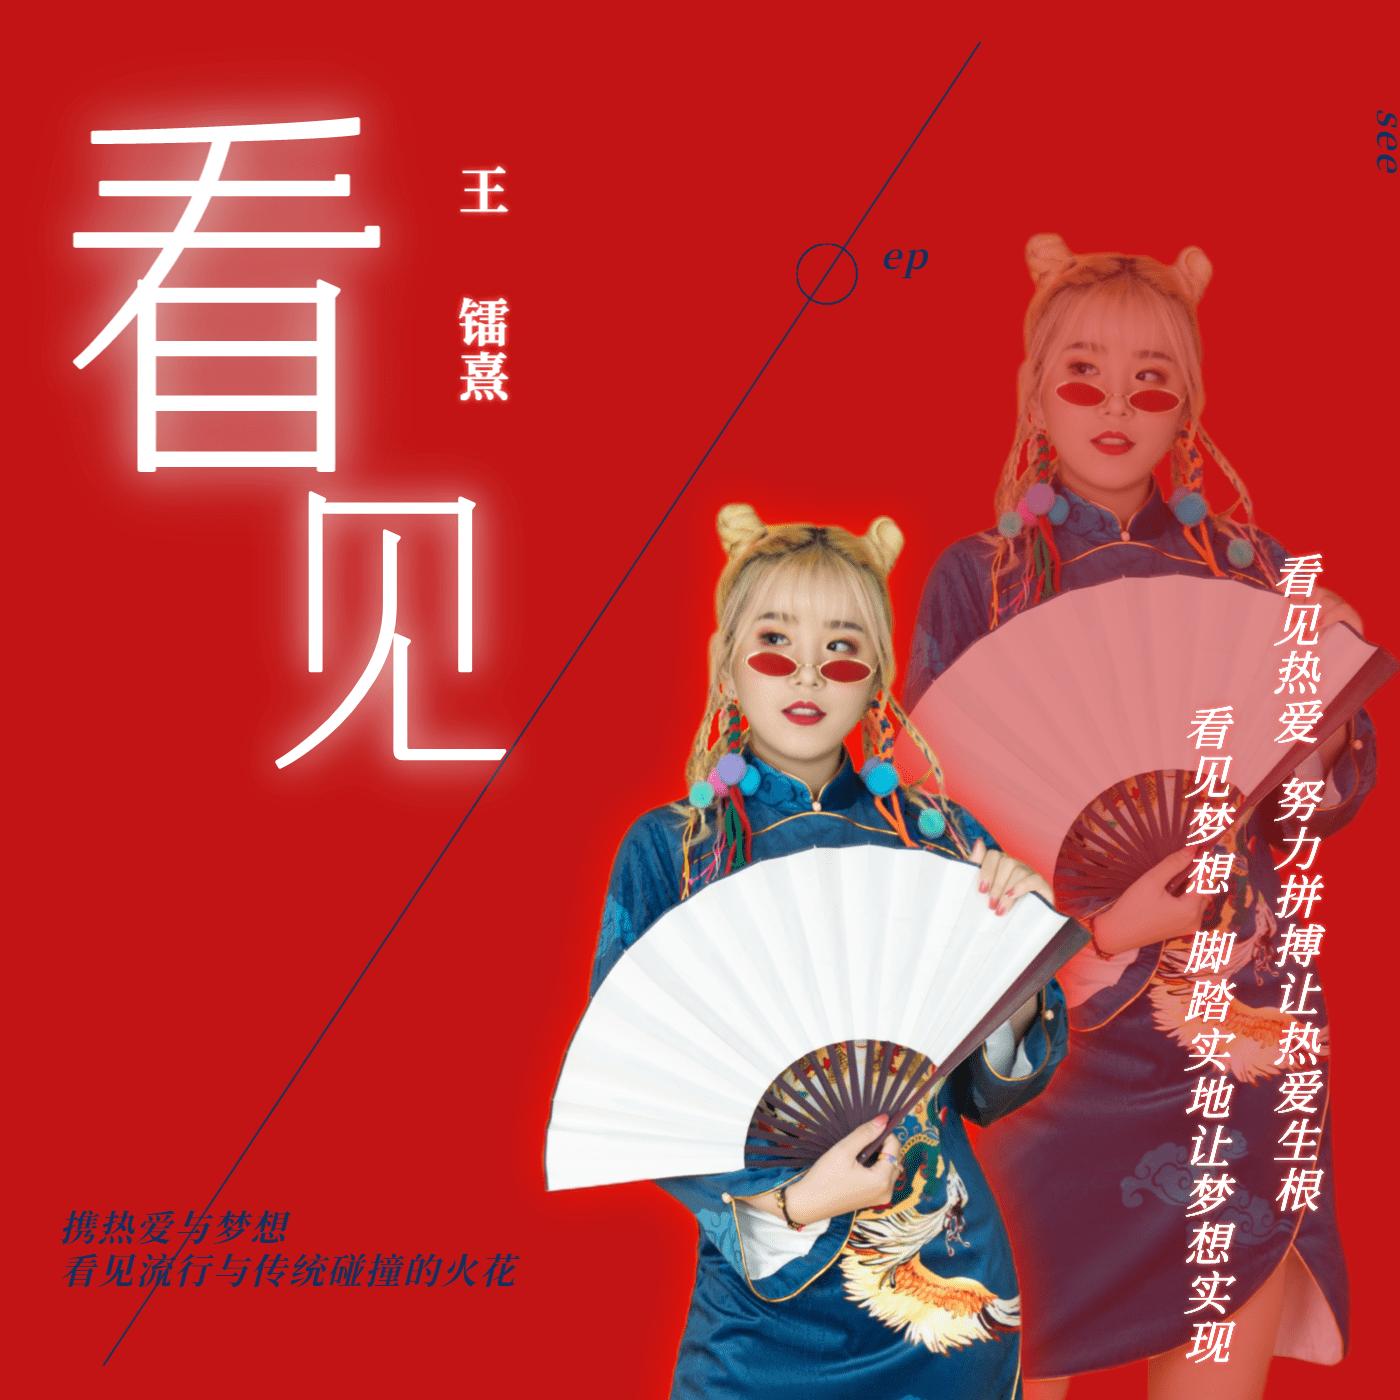 王镭熹个人首张EP《看见》即将发行